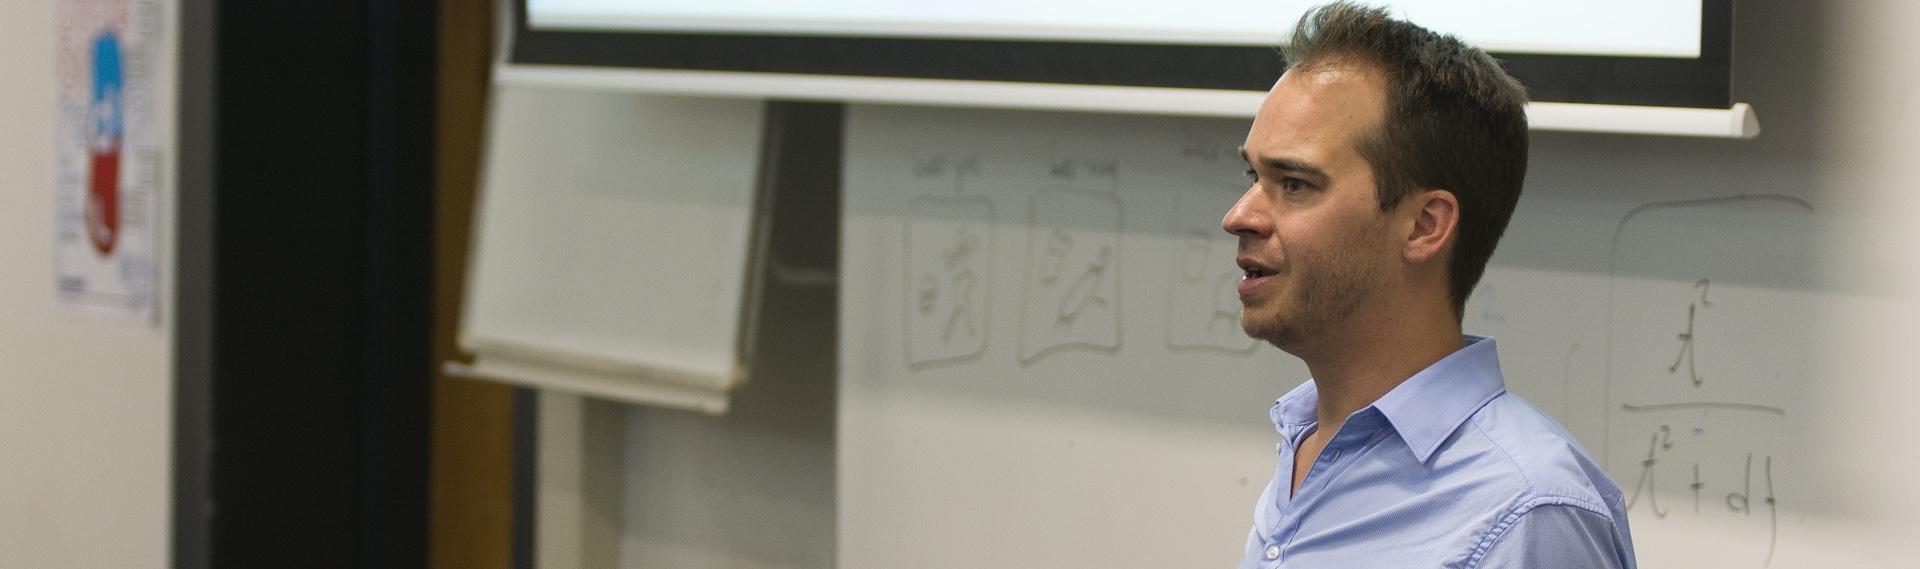 workshop-college-jeroen-huynen-cropped